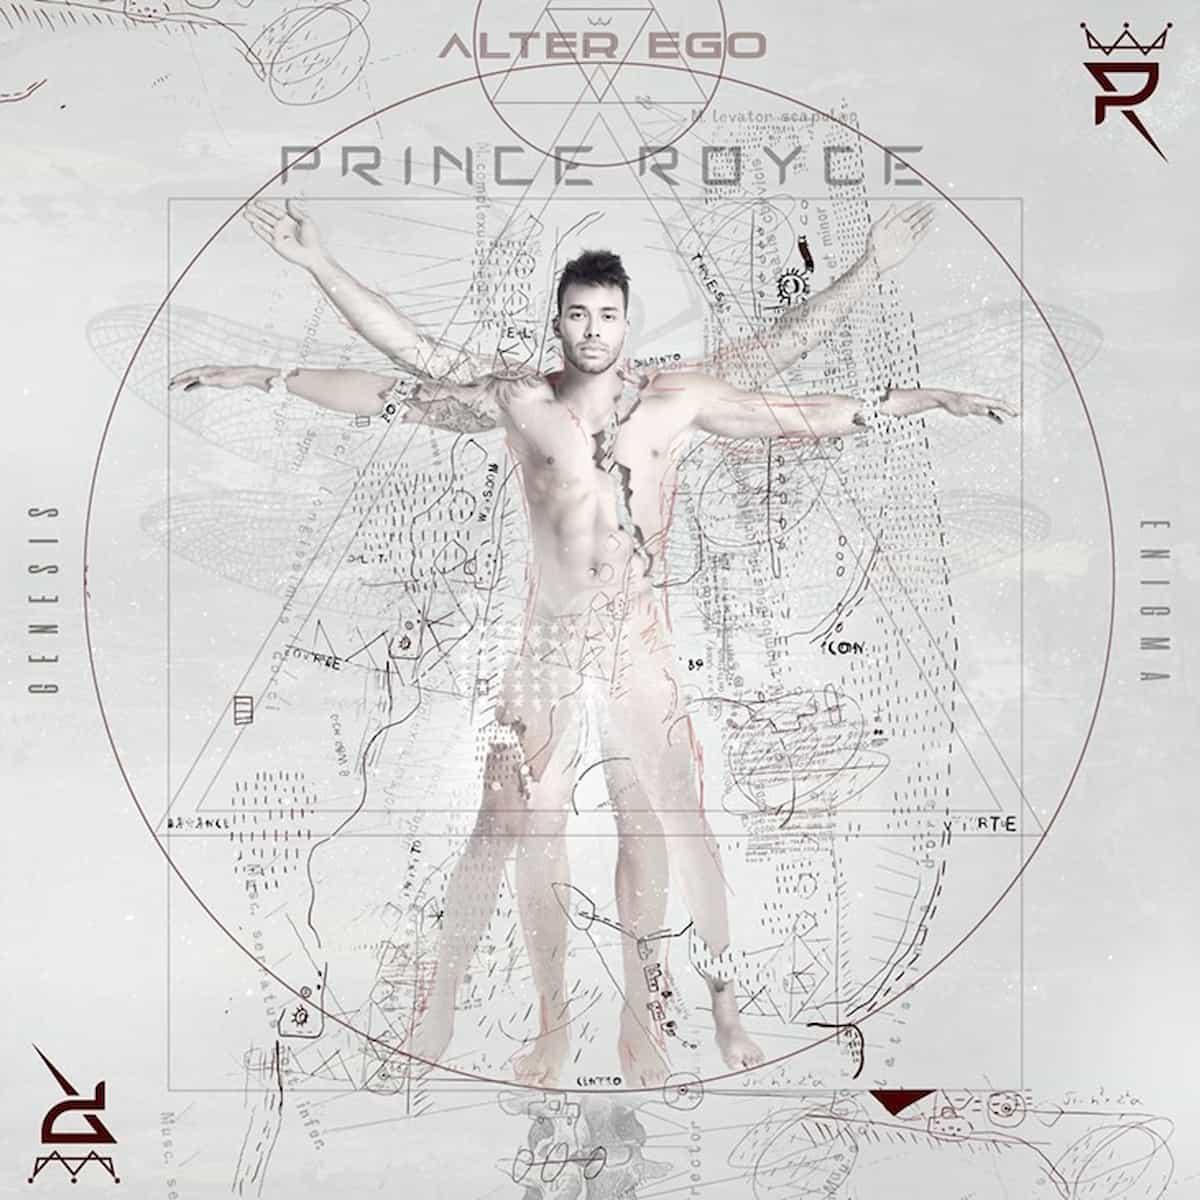 Prince Royce neues Album Alter Ego mit Bachata-Songs und Latin-Pop